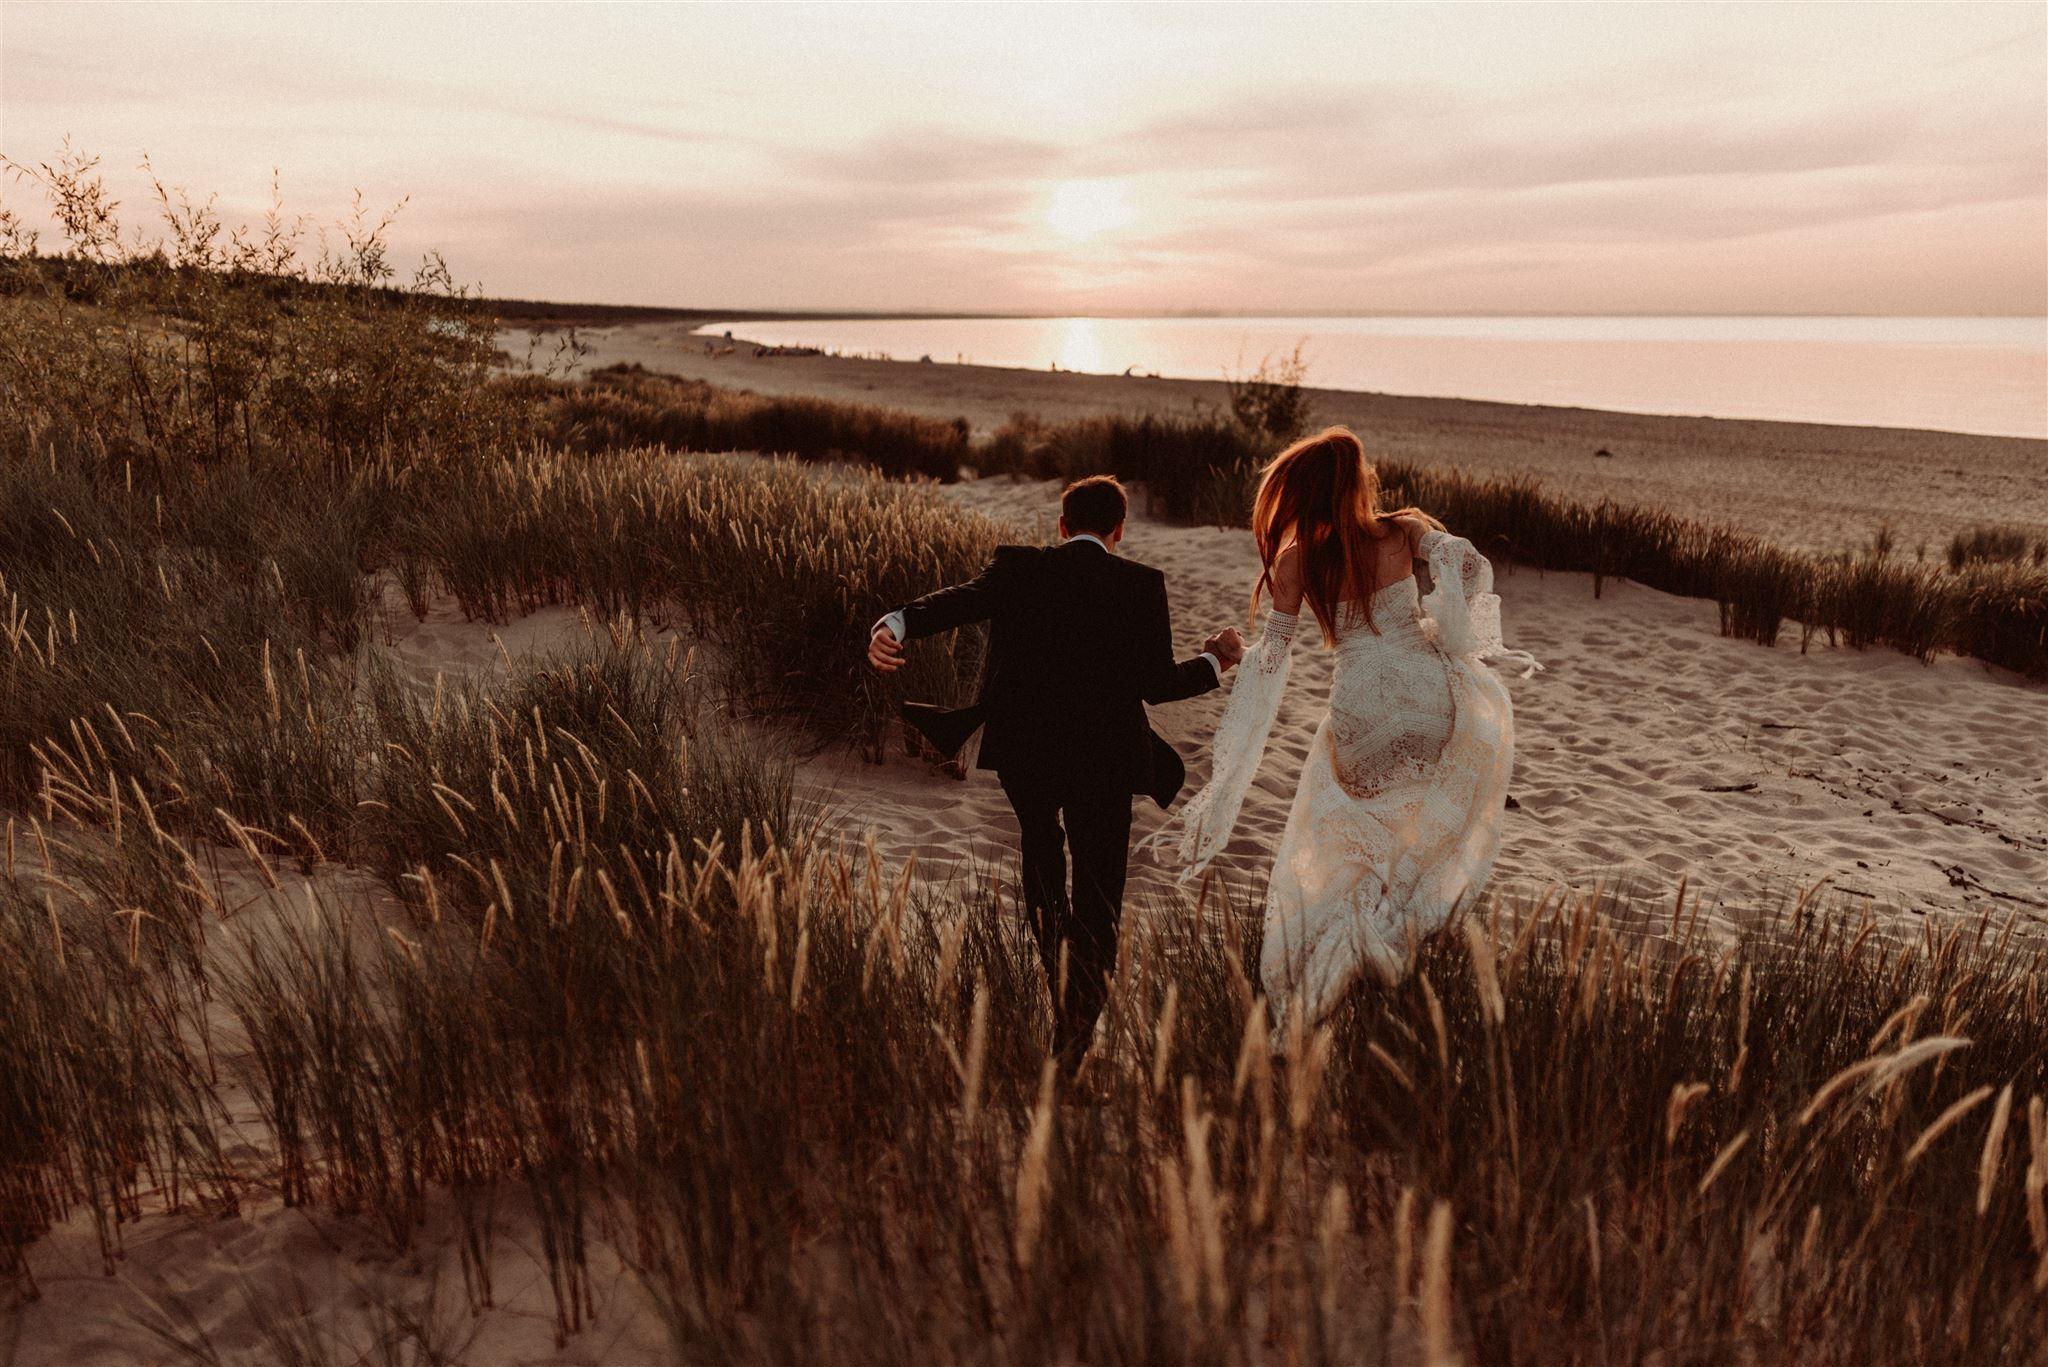 Nasza osobista sesja poślubna! 4 DSC 6415 websize